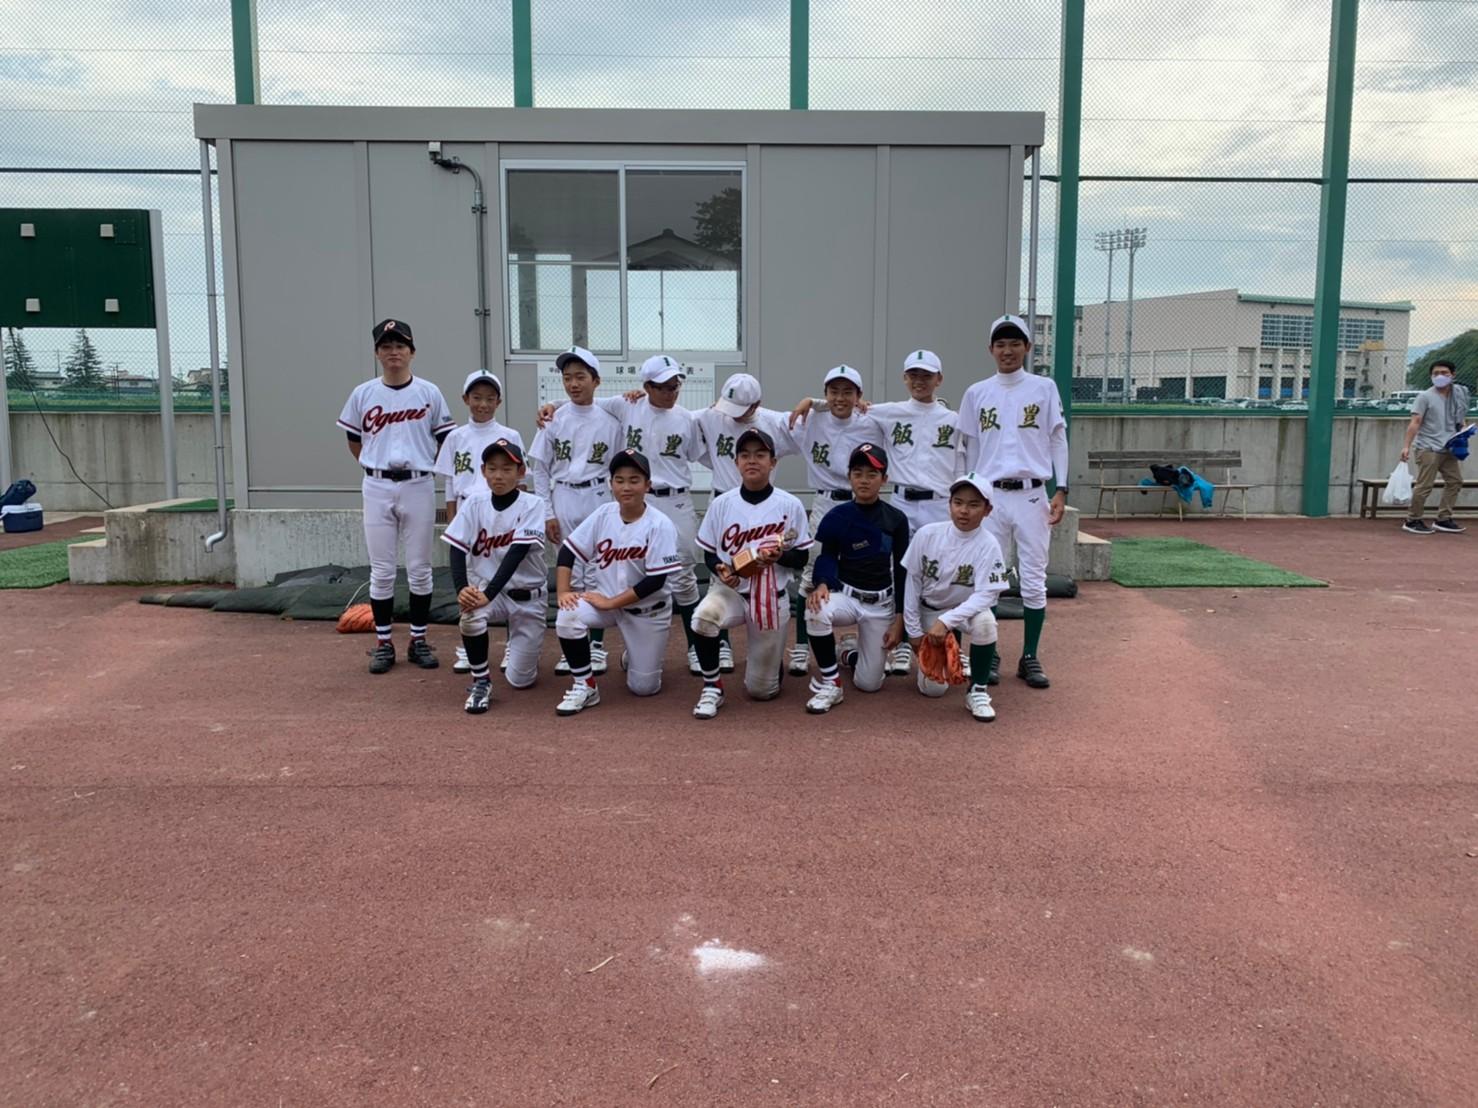 第29回JC杯中学野球大会 報告:画像